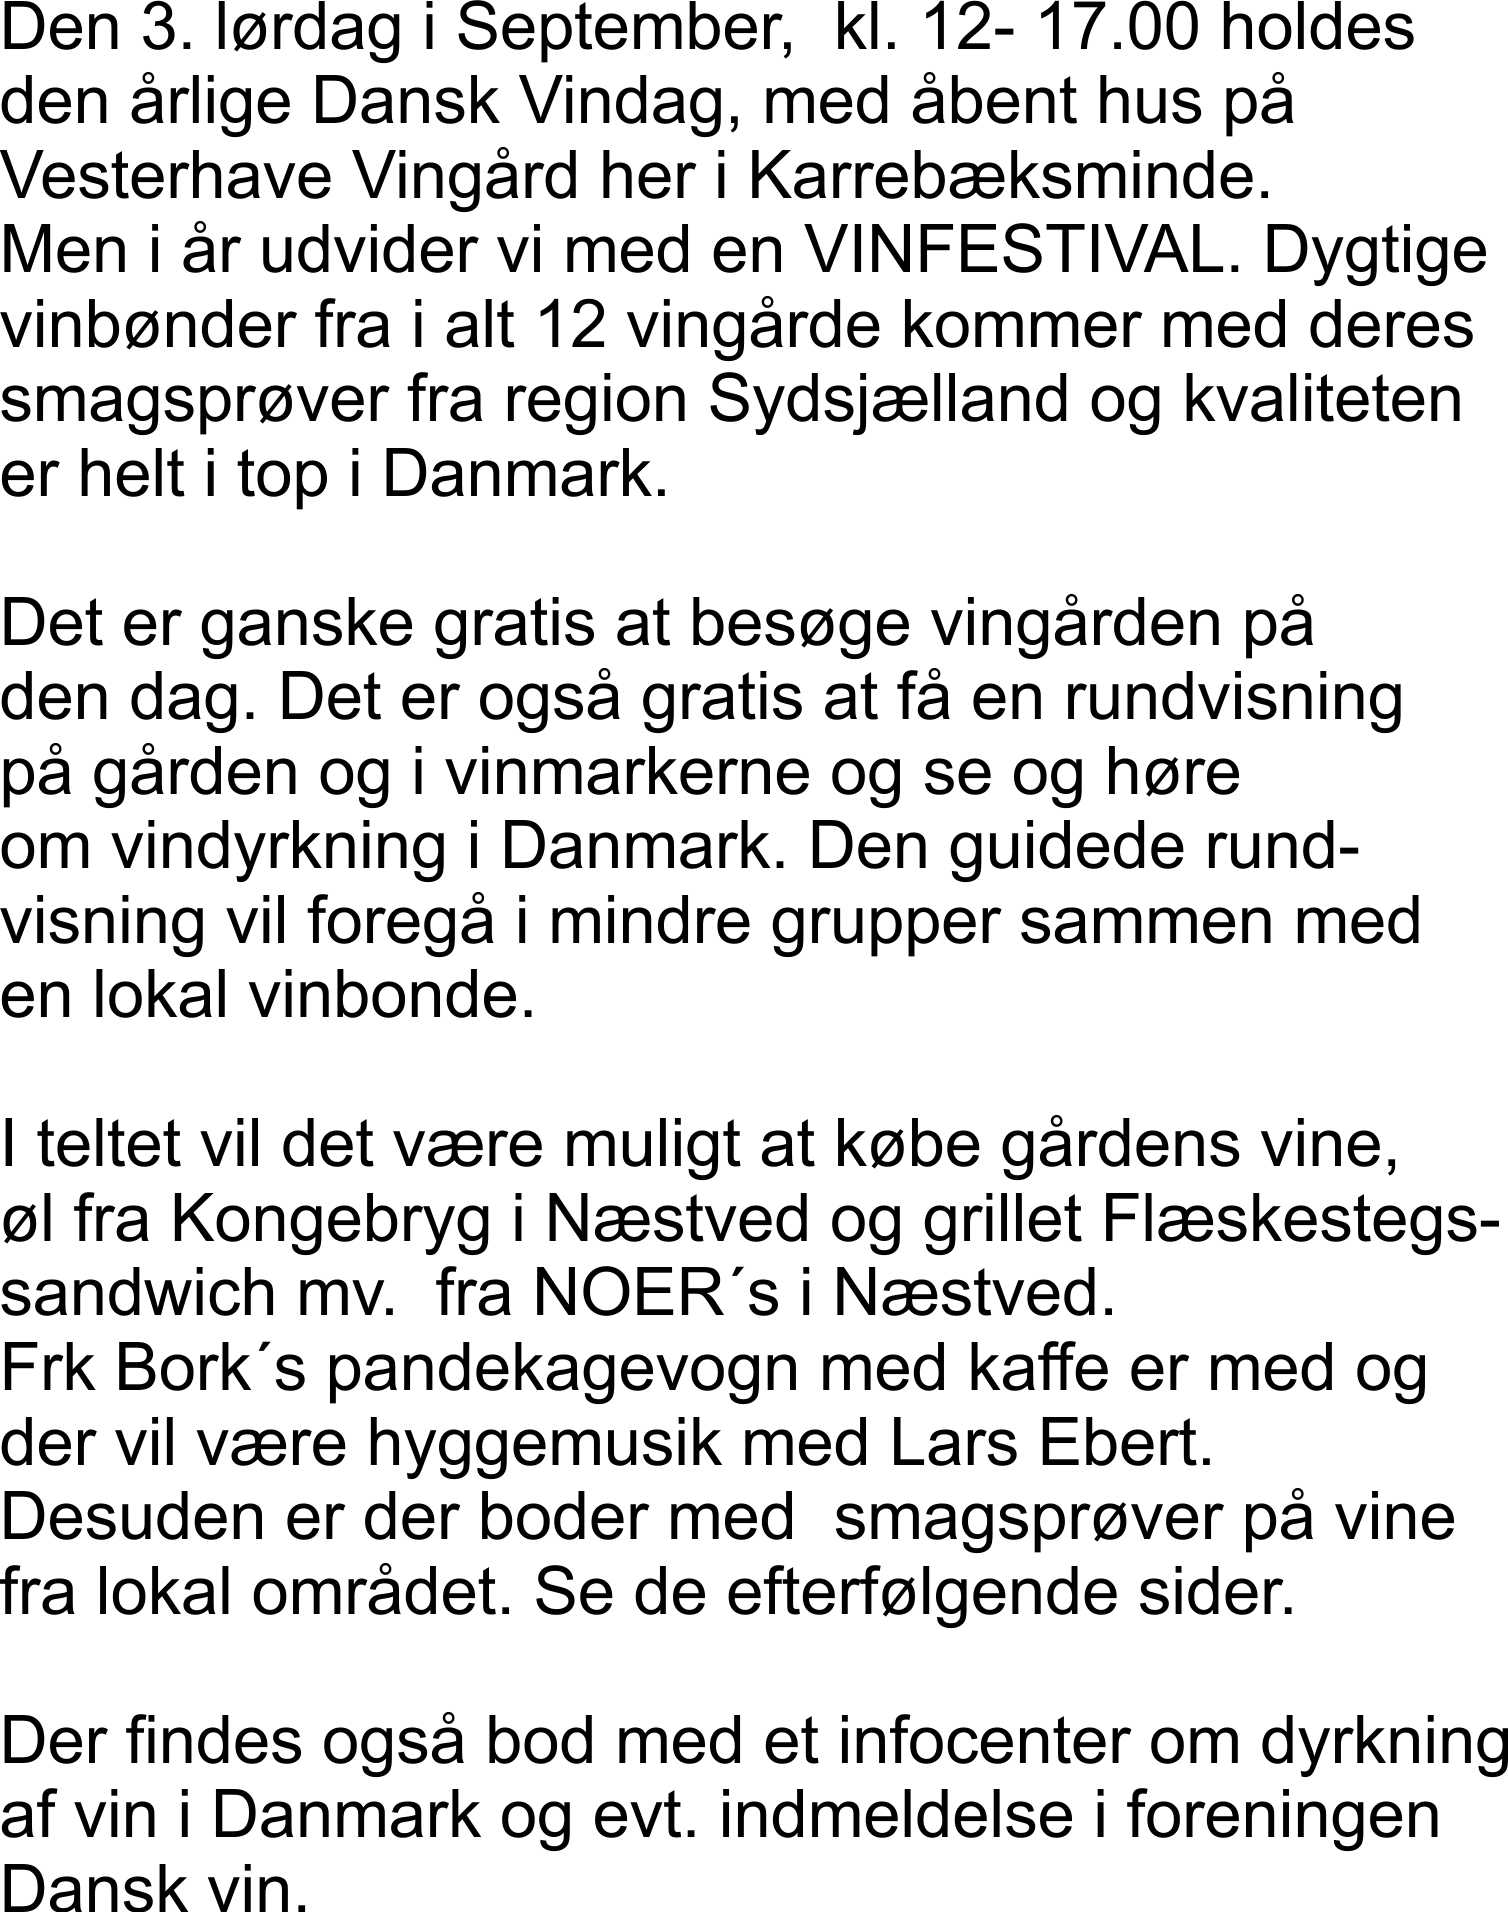 BORD reservation til Vinfestival 18.sept 2021